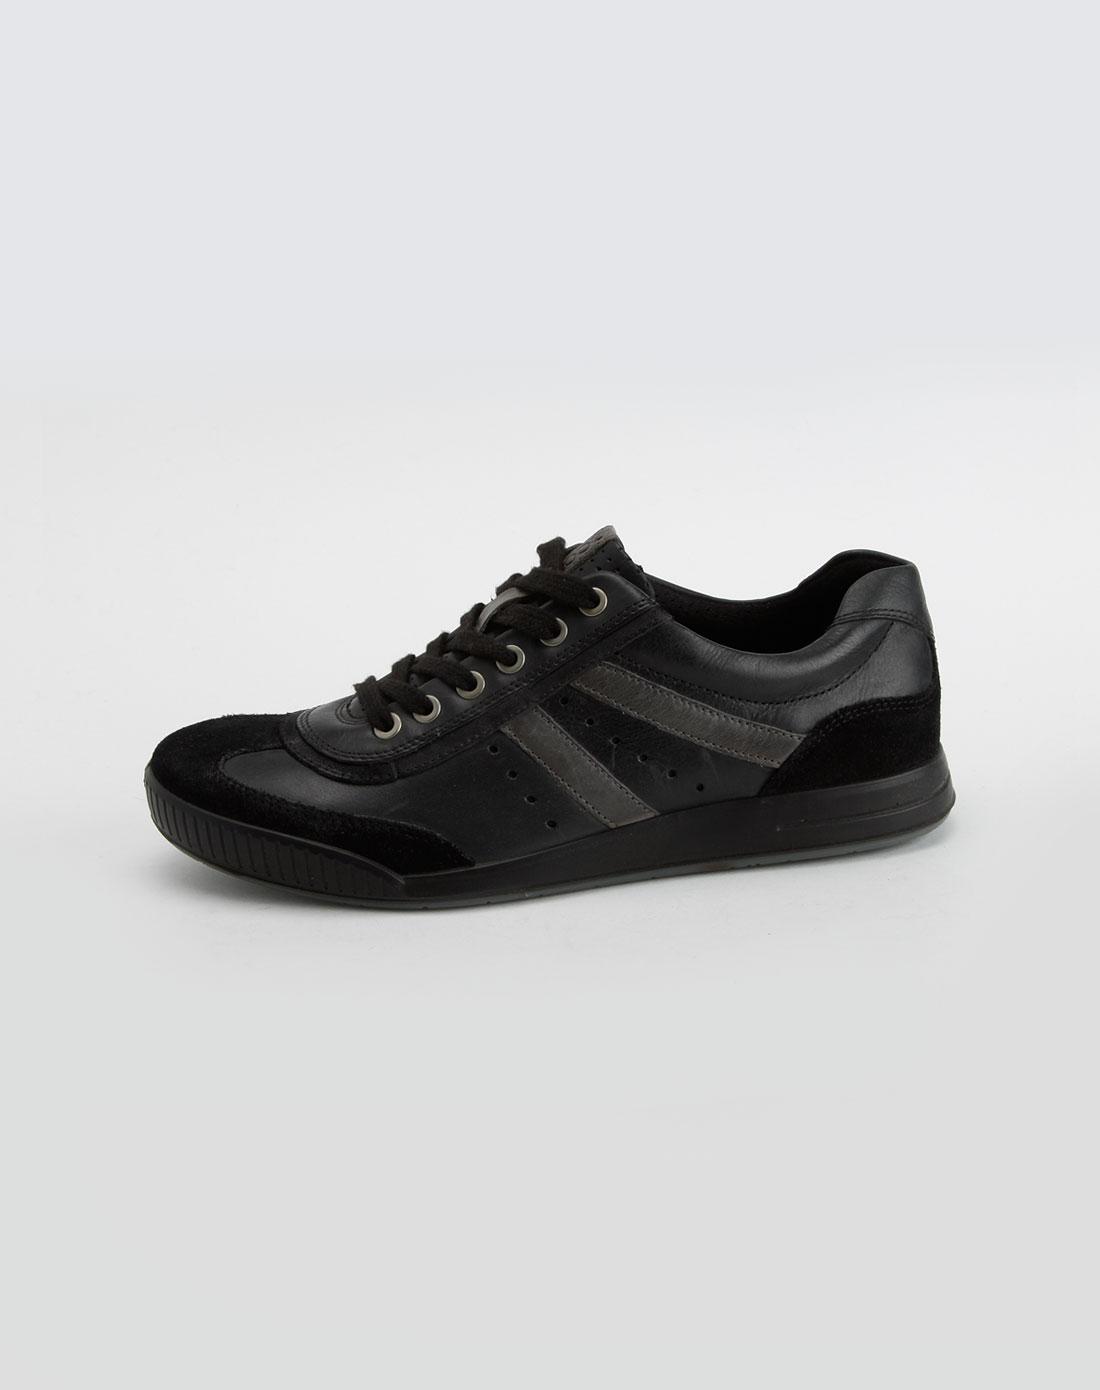 爱步ecco男款滑翔系列碳灰/黑色休闲鞋